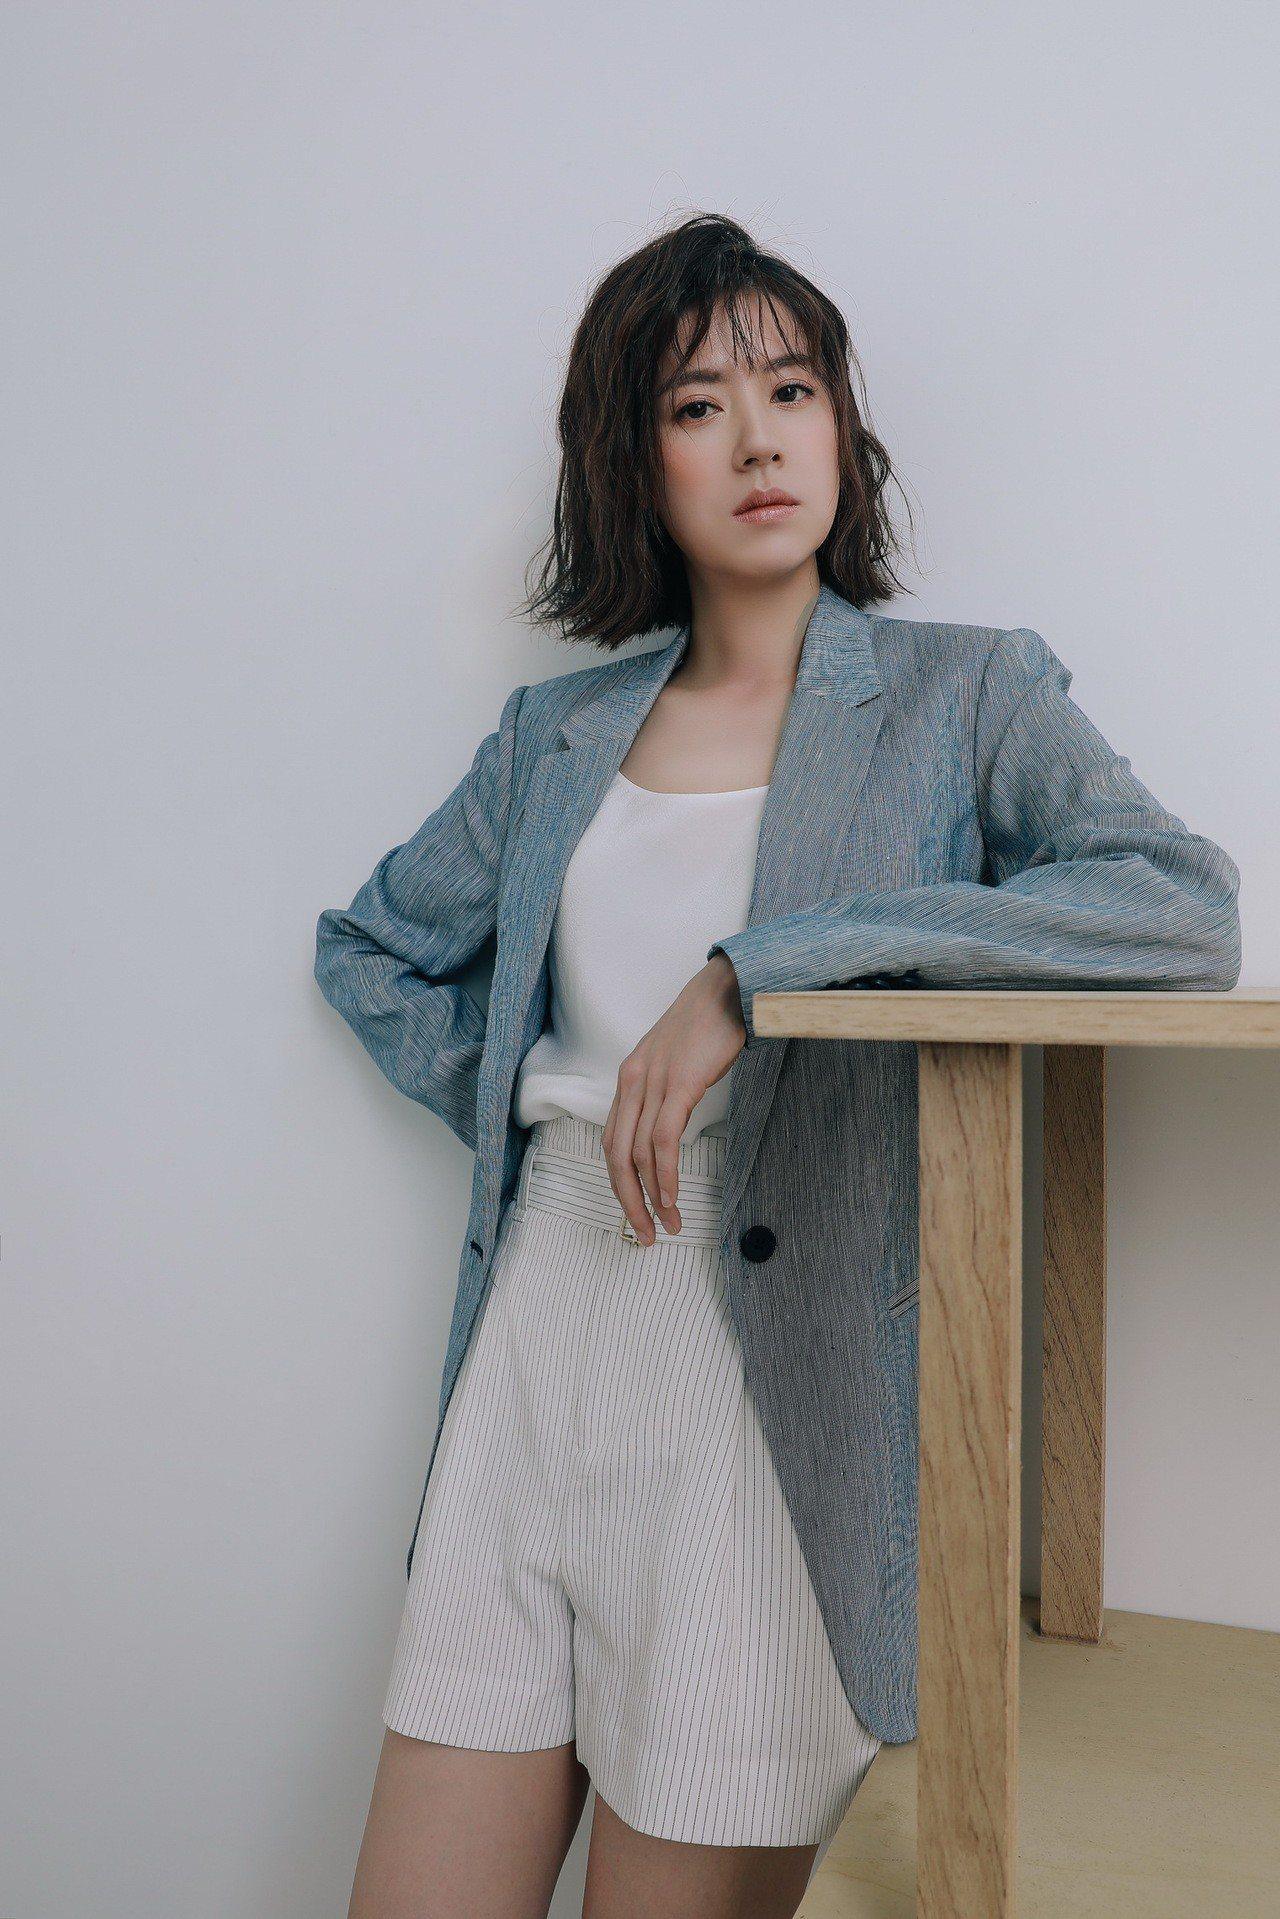 在《我們與惡的距離》中飾演賈靜雯妹妹「宋喬平」的女星林予晞,受台灣Club Mo...